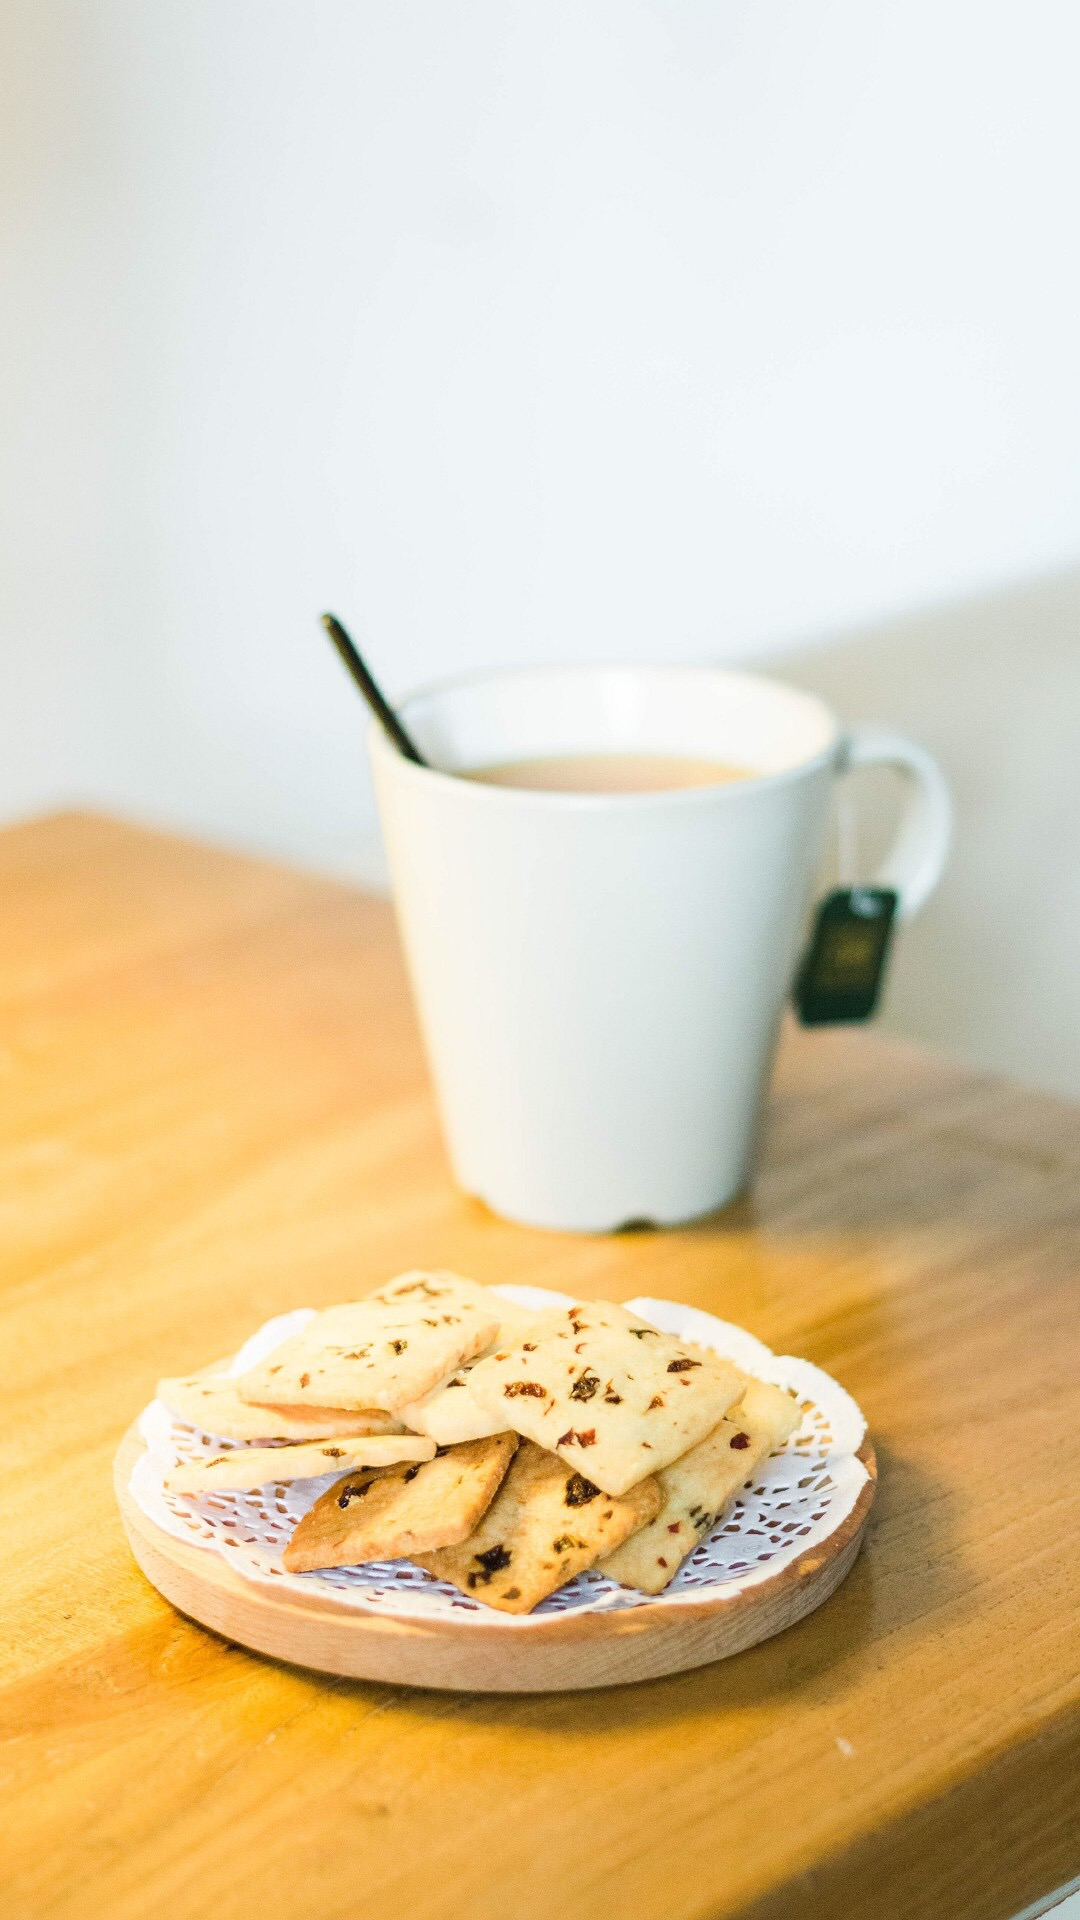 茶 蜂蜜 咖啡 奶茶 网 1080_1920 竖版 竖屏